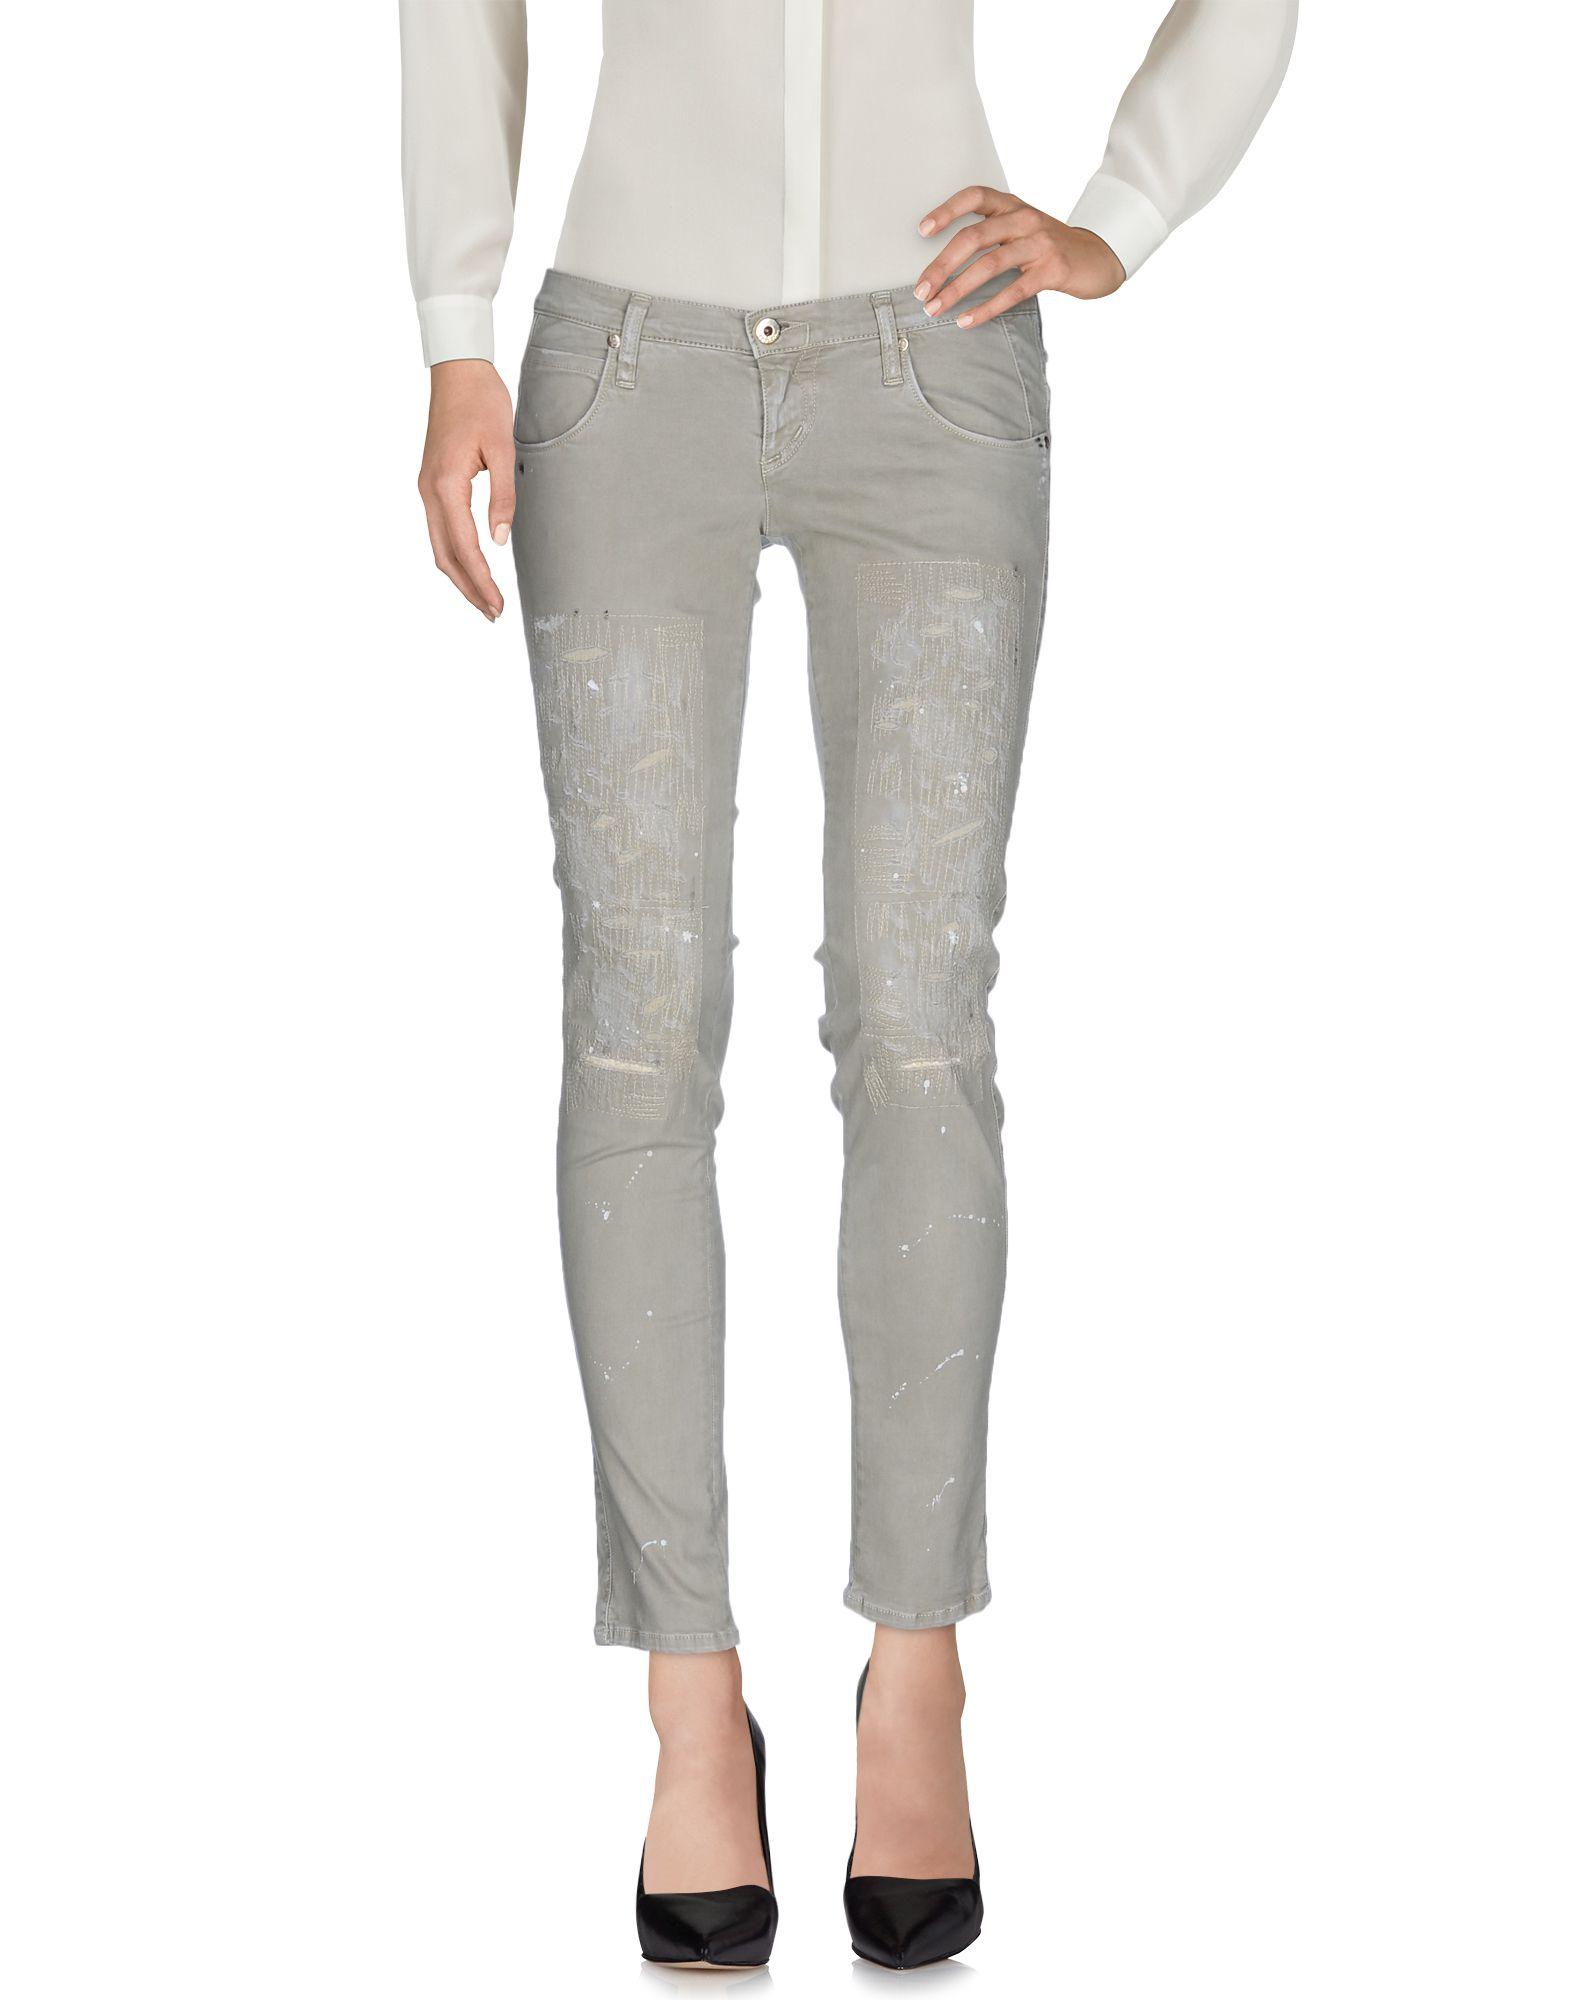 Pantalone Take-Two damen - 13027249MF